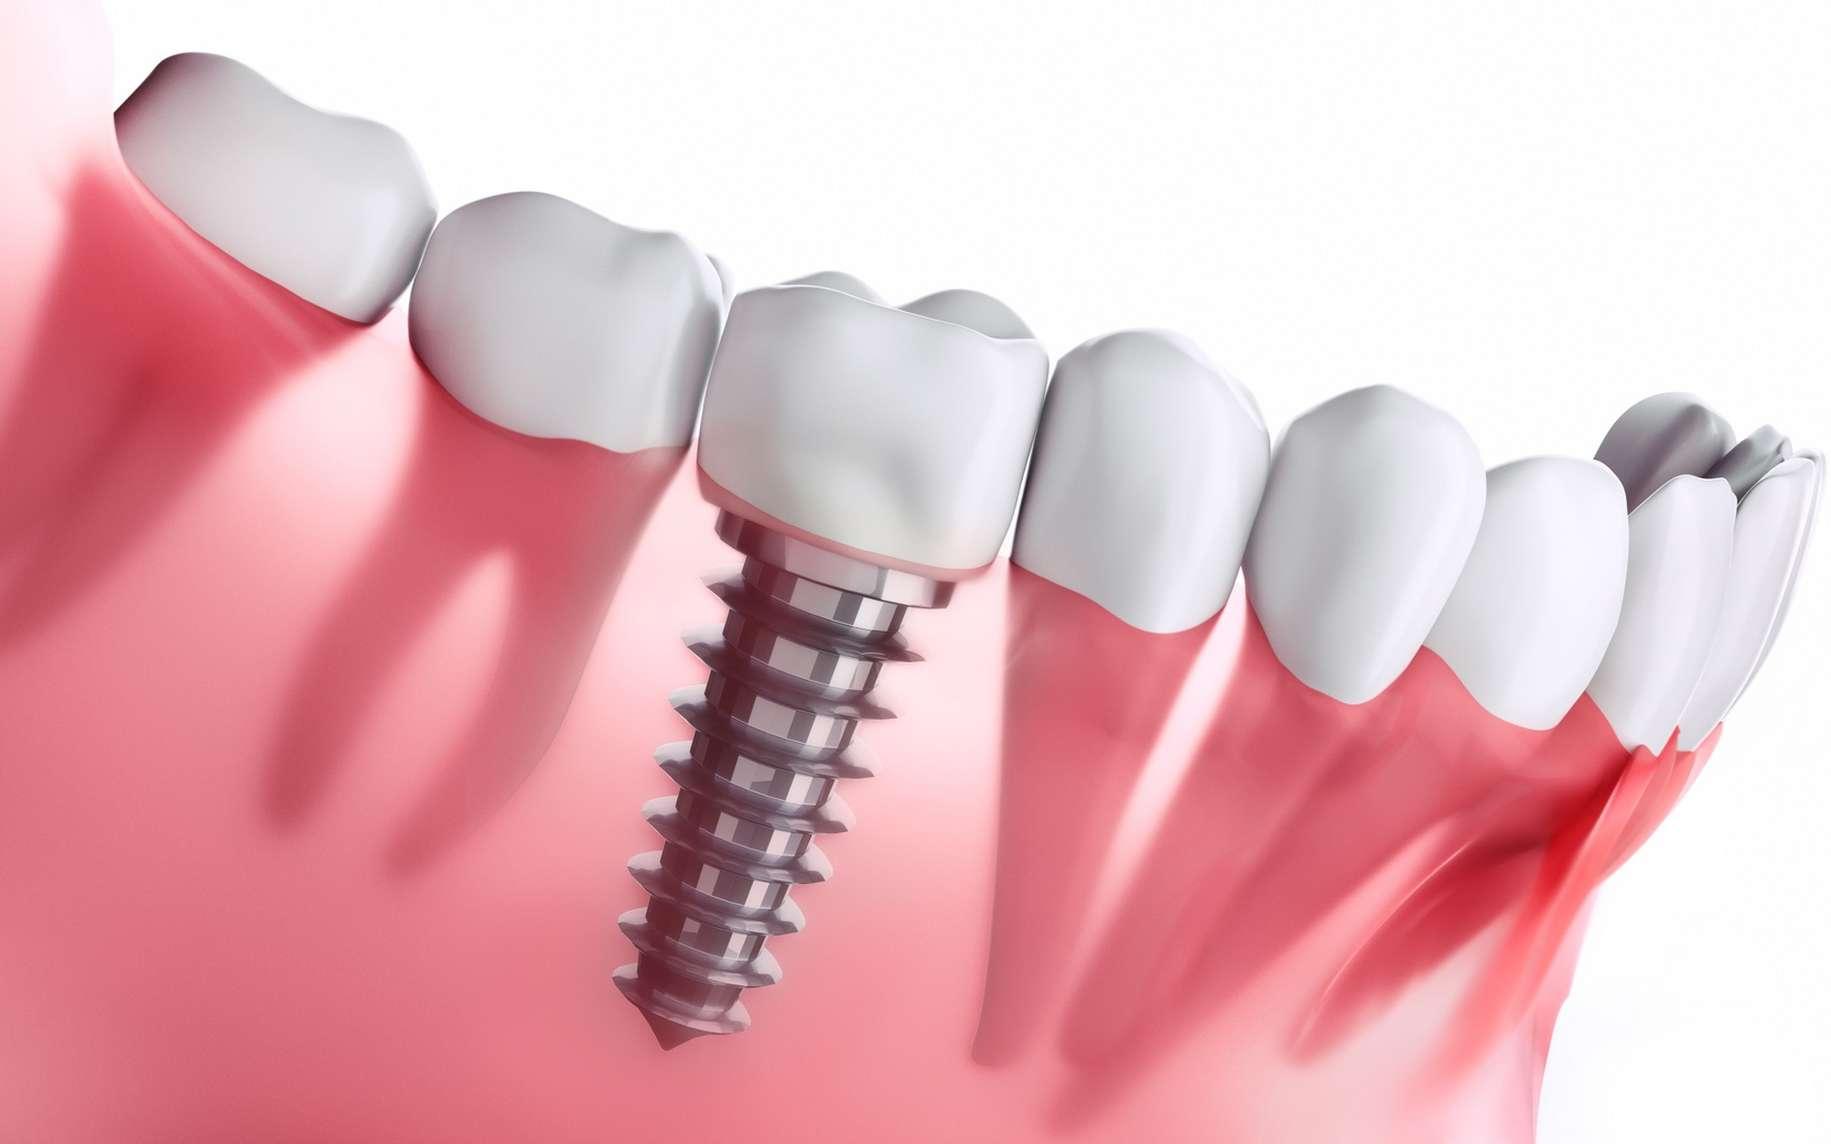 Implant dentaire Lyon : comment choisir un bon dentiste ?